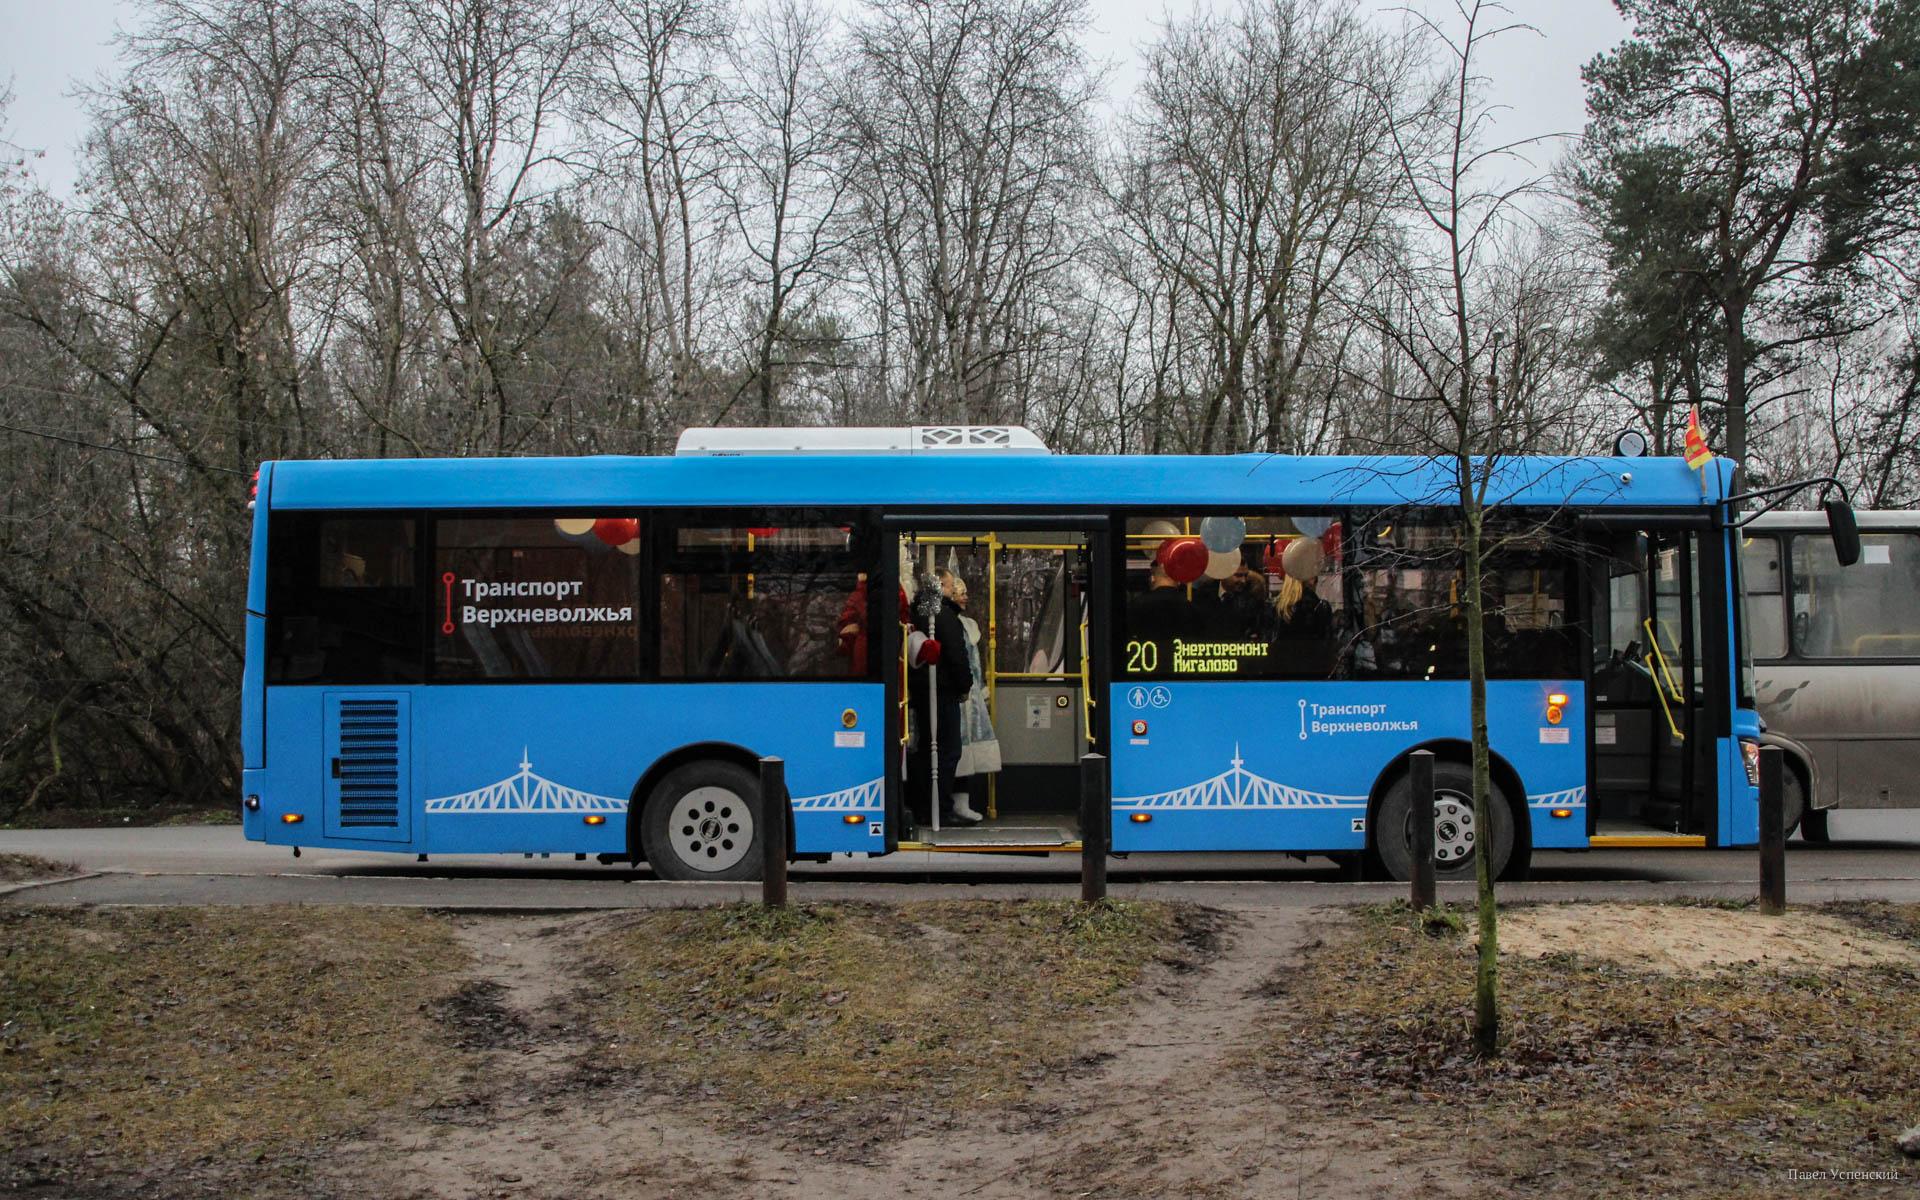 Транспорт Верхневолжья: куда повезут жителей автобусы № 20, 21, 42, 43 и 44